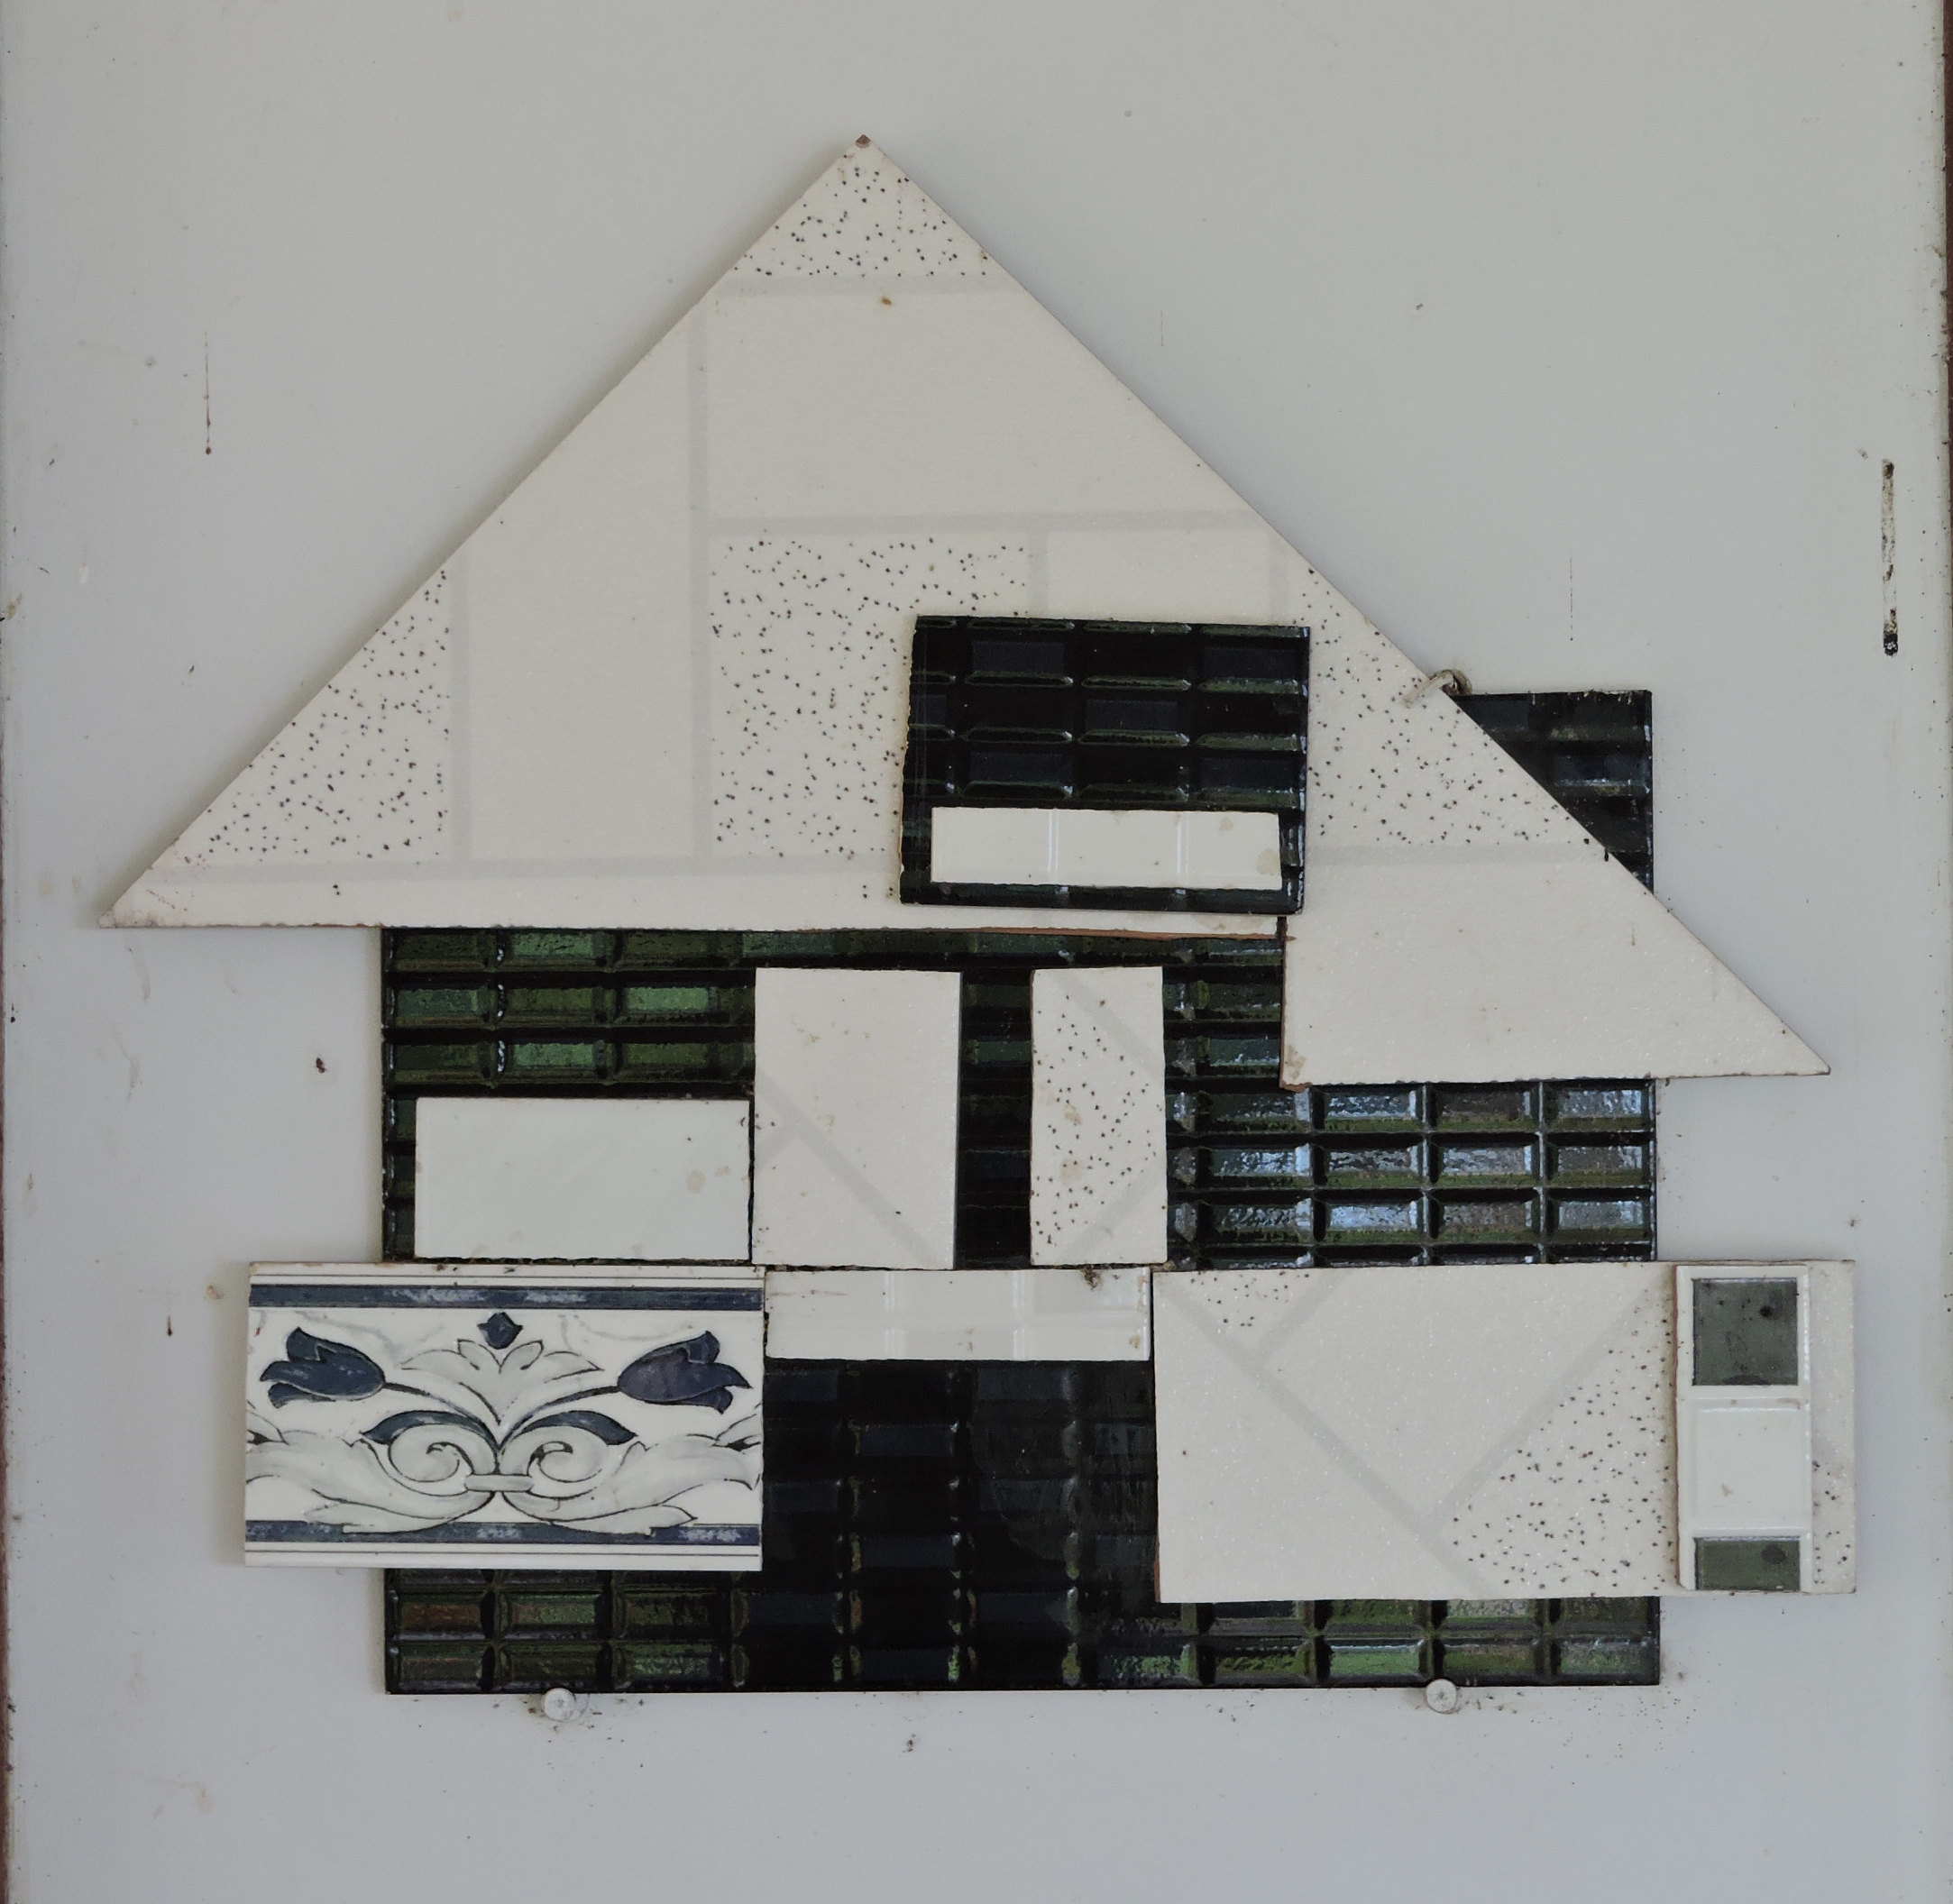 Creusa_Salame_-_Composição_2,_2012._Colagem_azulejo,_49_x_43